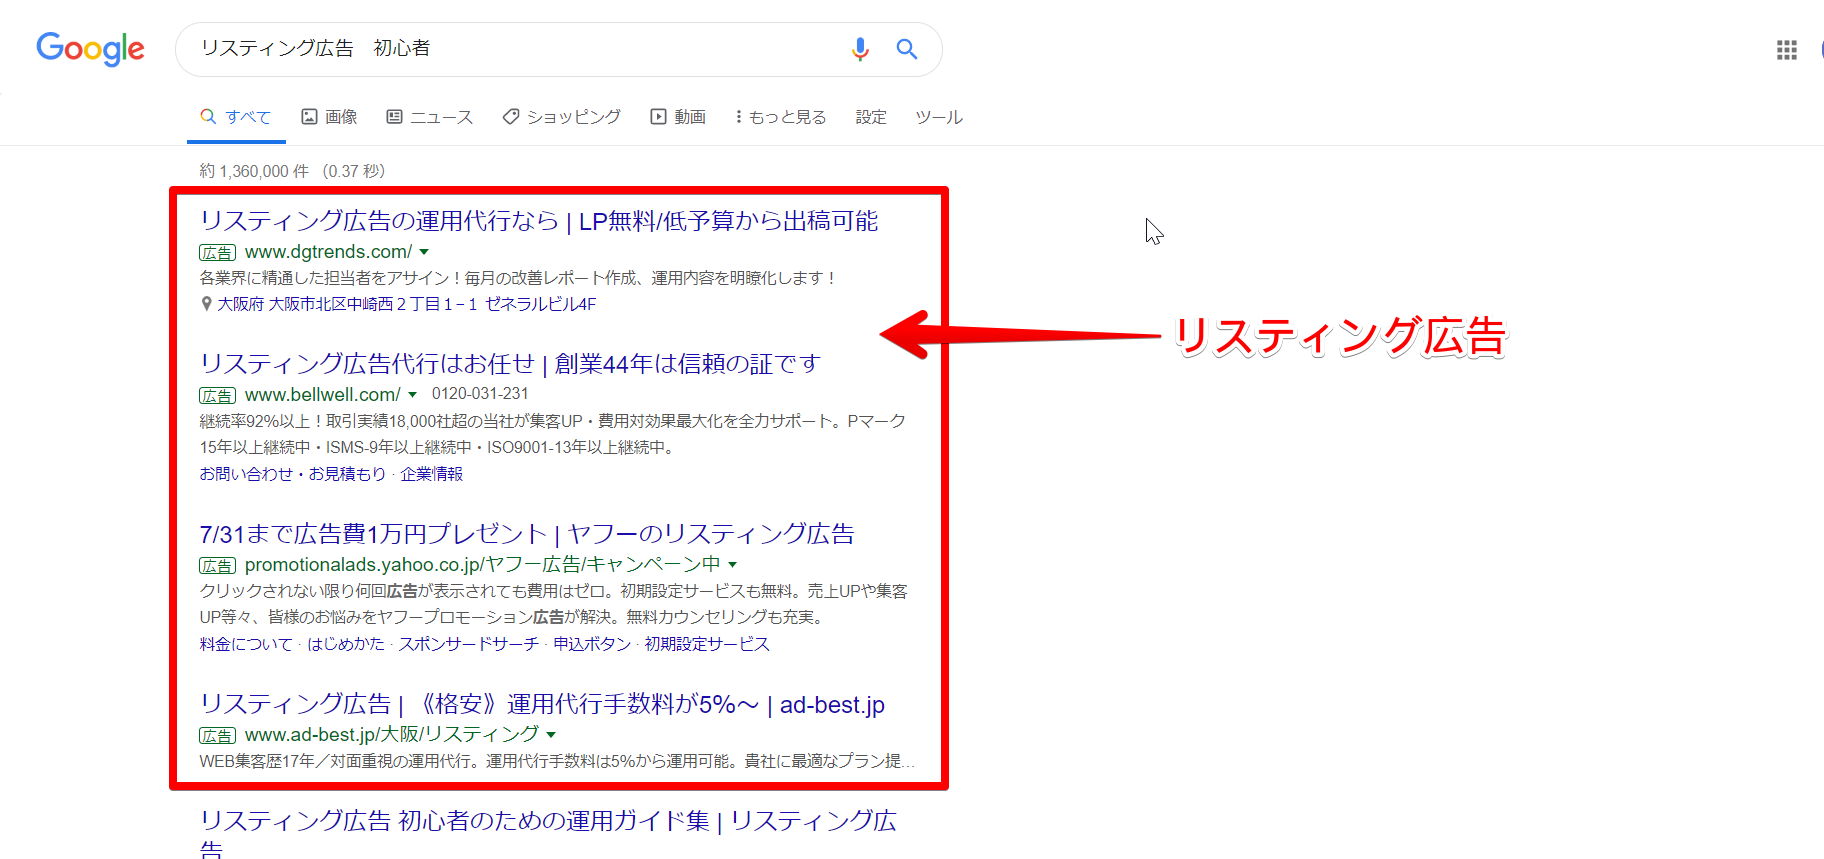 リスティング広告 初心者 - Google 検索